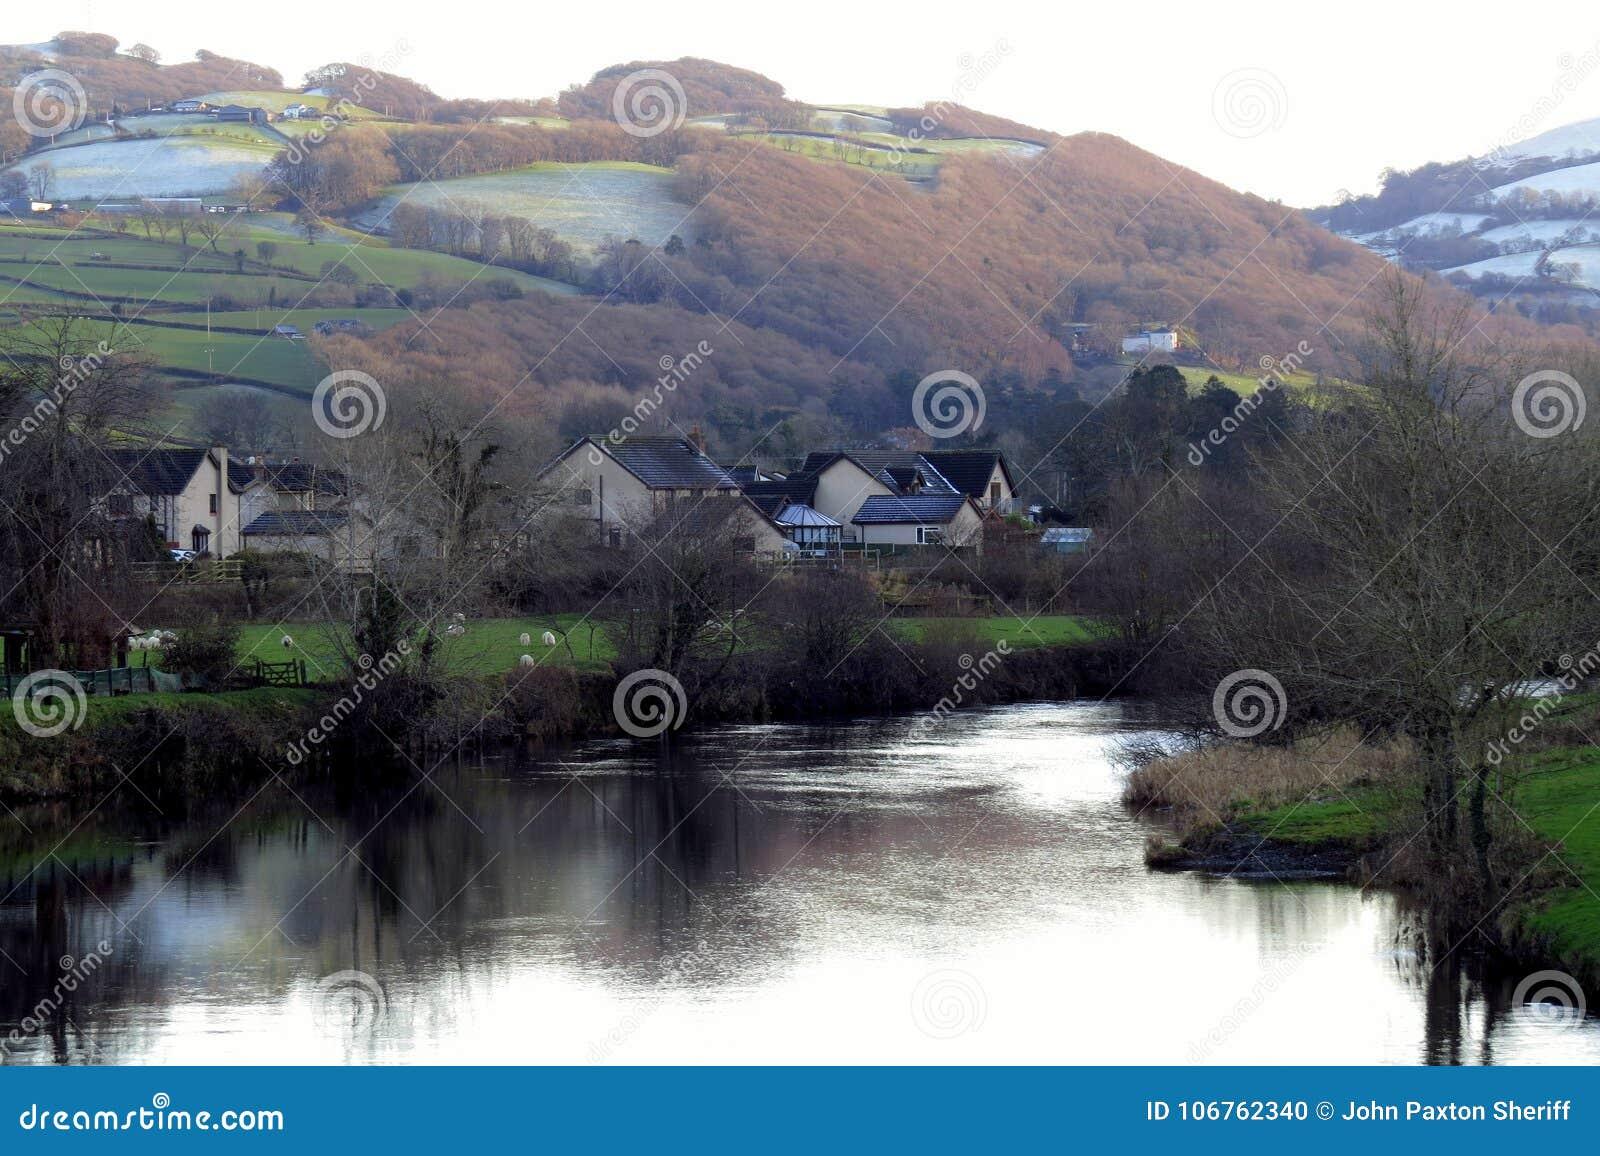 Άμλετ, όχθη ποταμού, κάτω από την πράσινη και παγωμένη βουνοπλαγιά